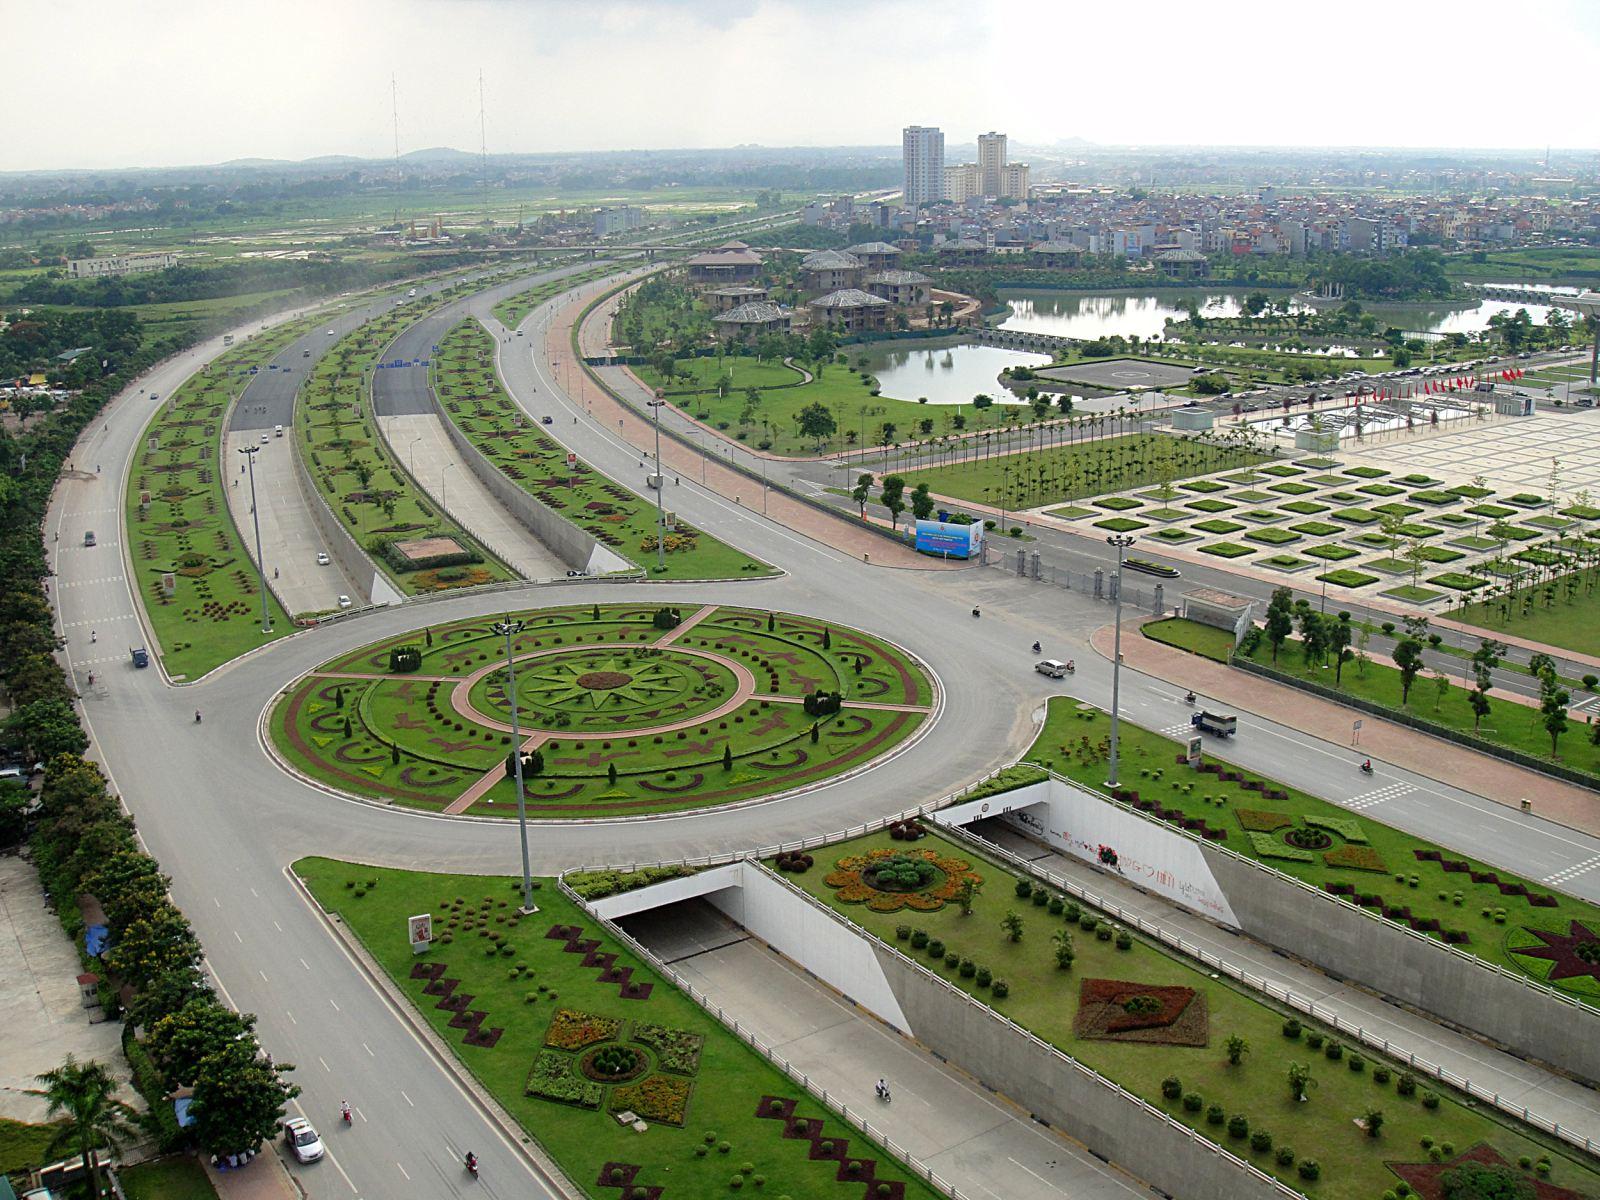 Vị trí đắc địa giúp Vinhomes Smart City được thừa hưởng hệ thống cơ sở hạ tầng đồng bộ, hiện đại tại khu vực phía Tây